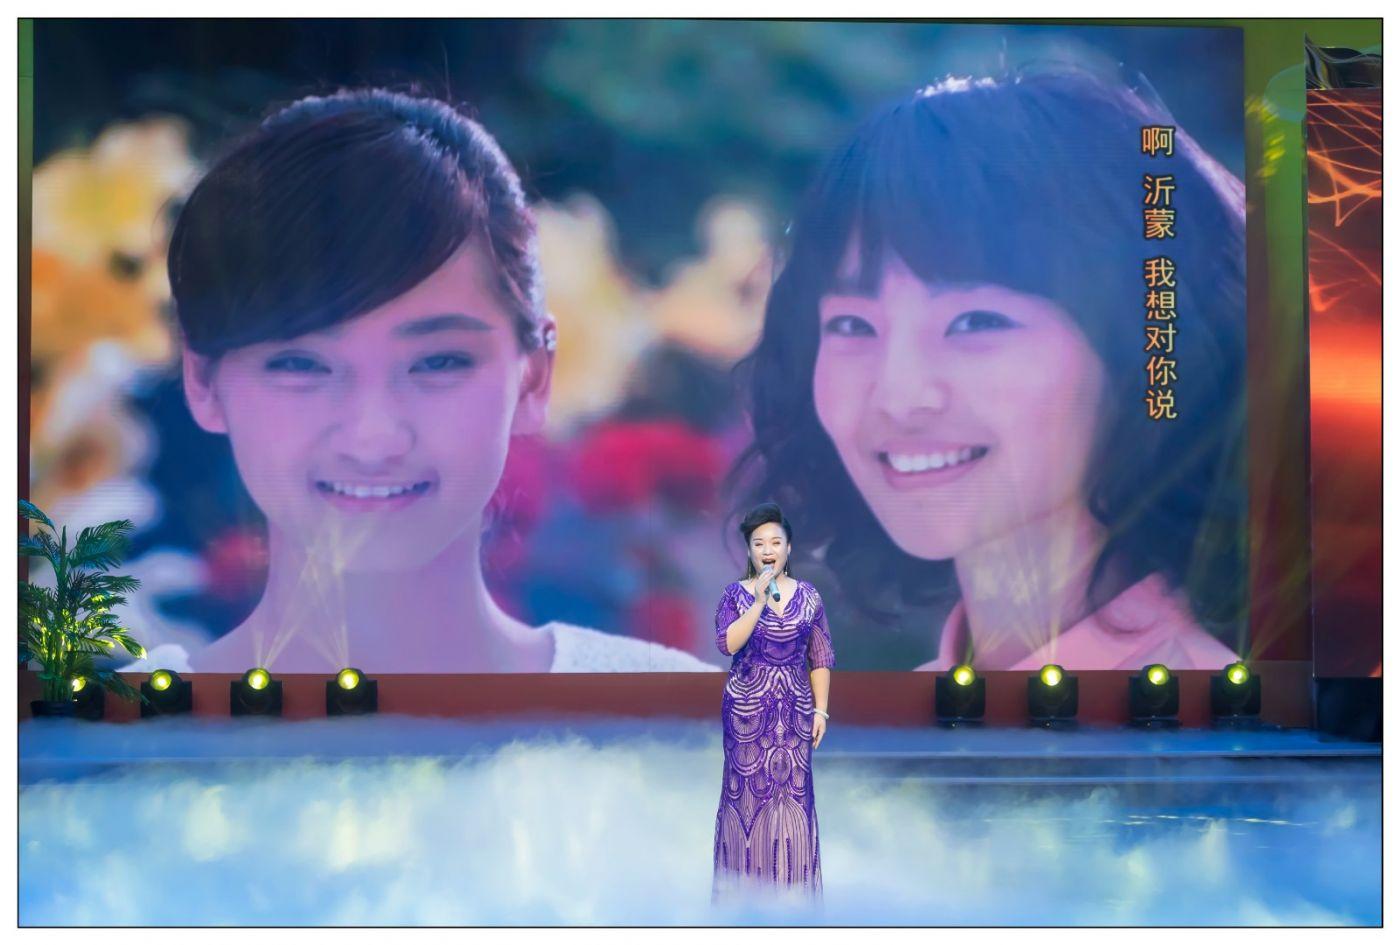 临沂姑娘杨妮妮曾感动春晚总动员 今晚在临沂电视台大放异彩 ..._图1-13